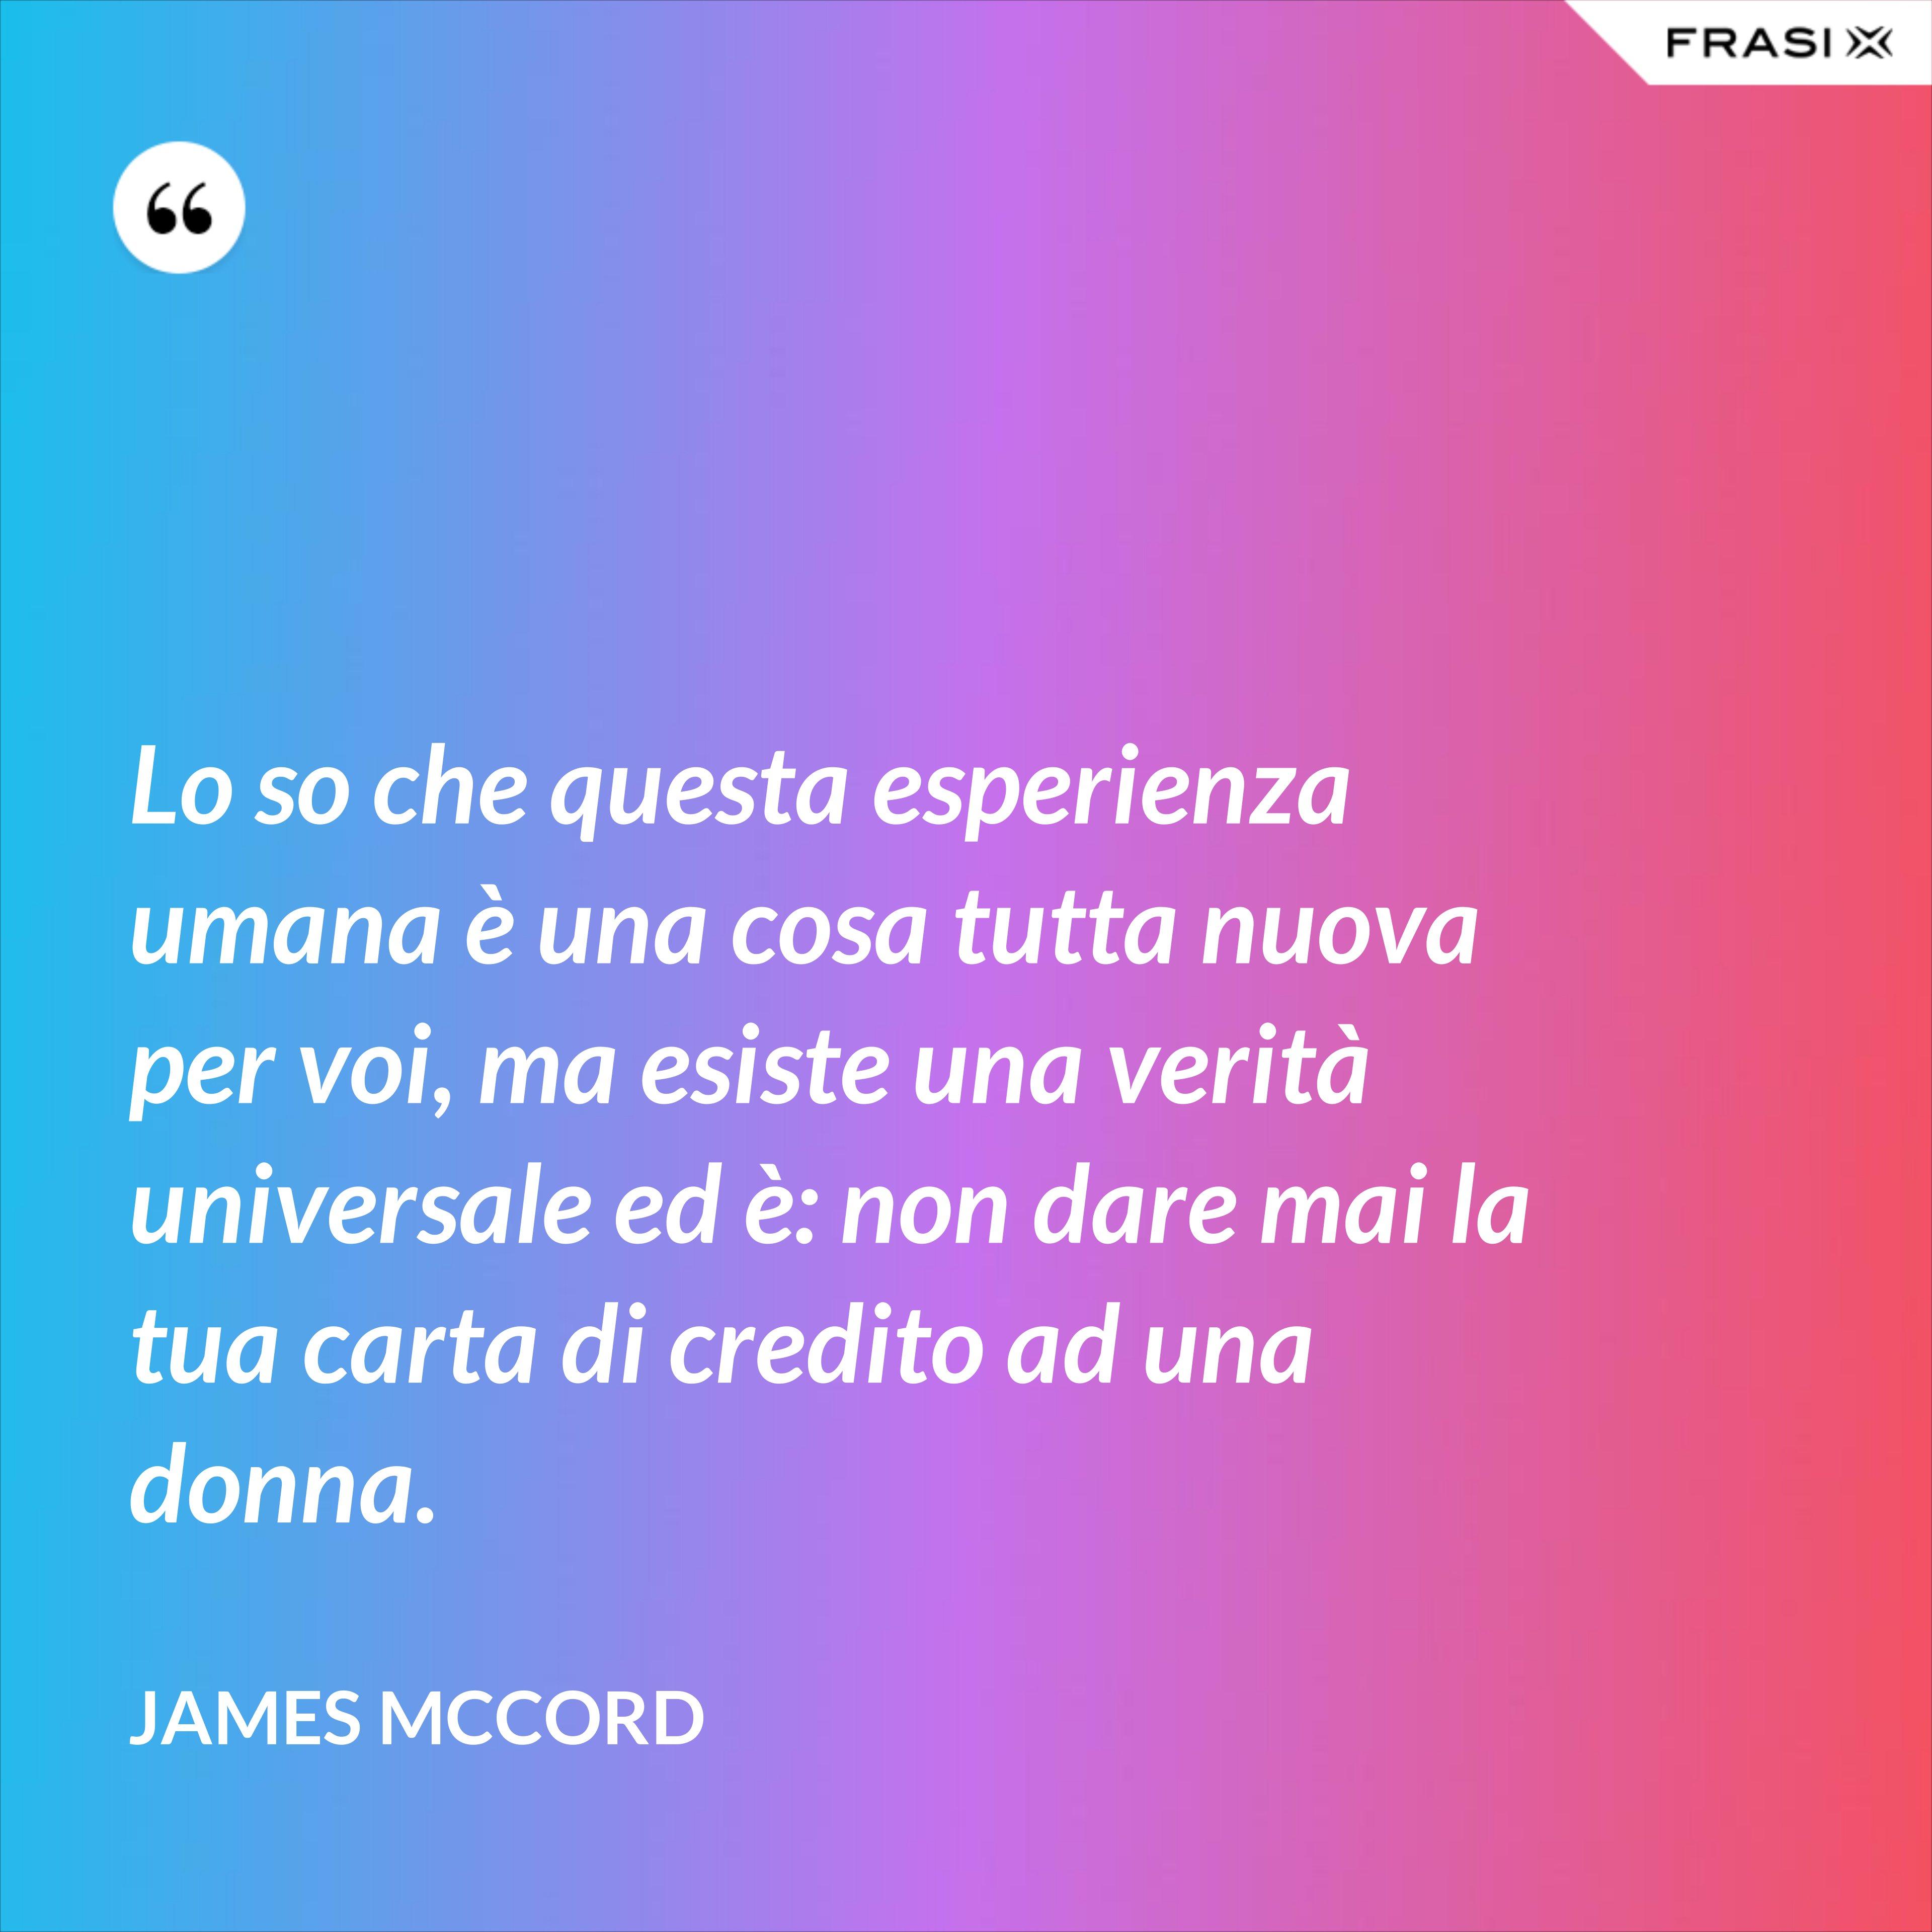 Lo so che questa esperienza umana è una cosa tutta nuova per voi, ma esiste una verità universale ed è: non dare mai la tua carta di credito ad una donna. - James McCord